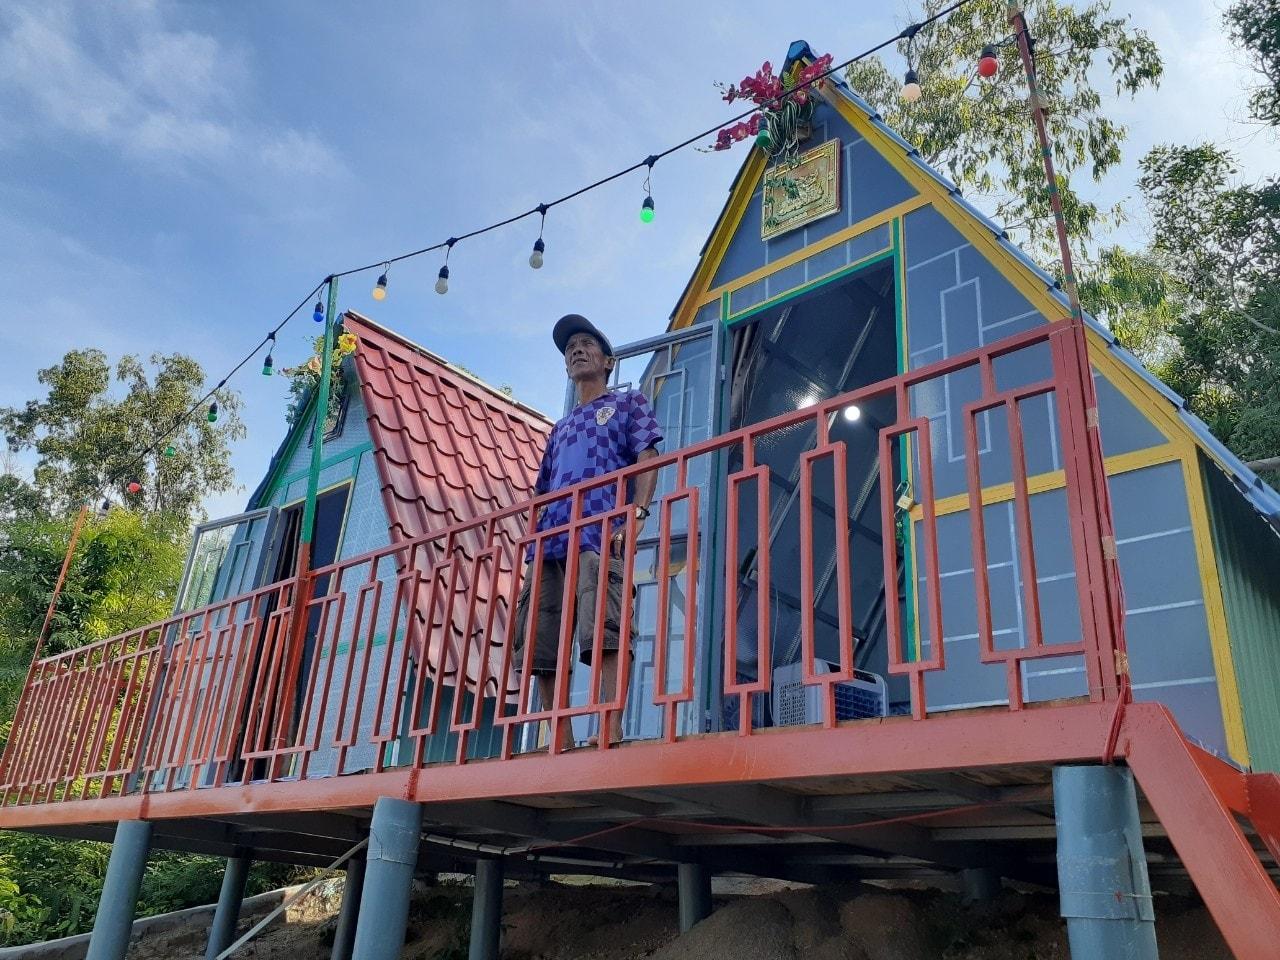 Du lịch Cù Lao Xanh Quy Nhơn - Khám phá 'đường đi nước bước' chi tiết trong mùa hè này - Ảnh 10.